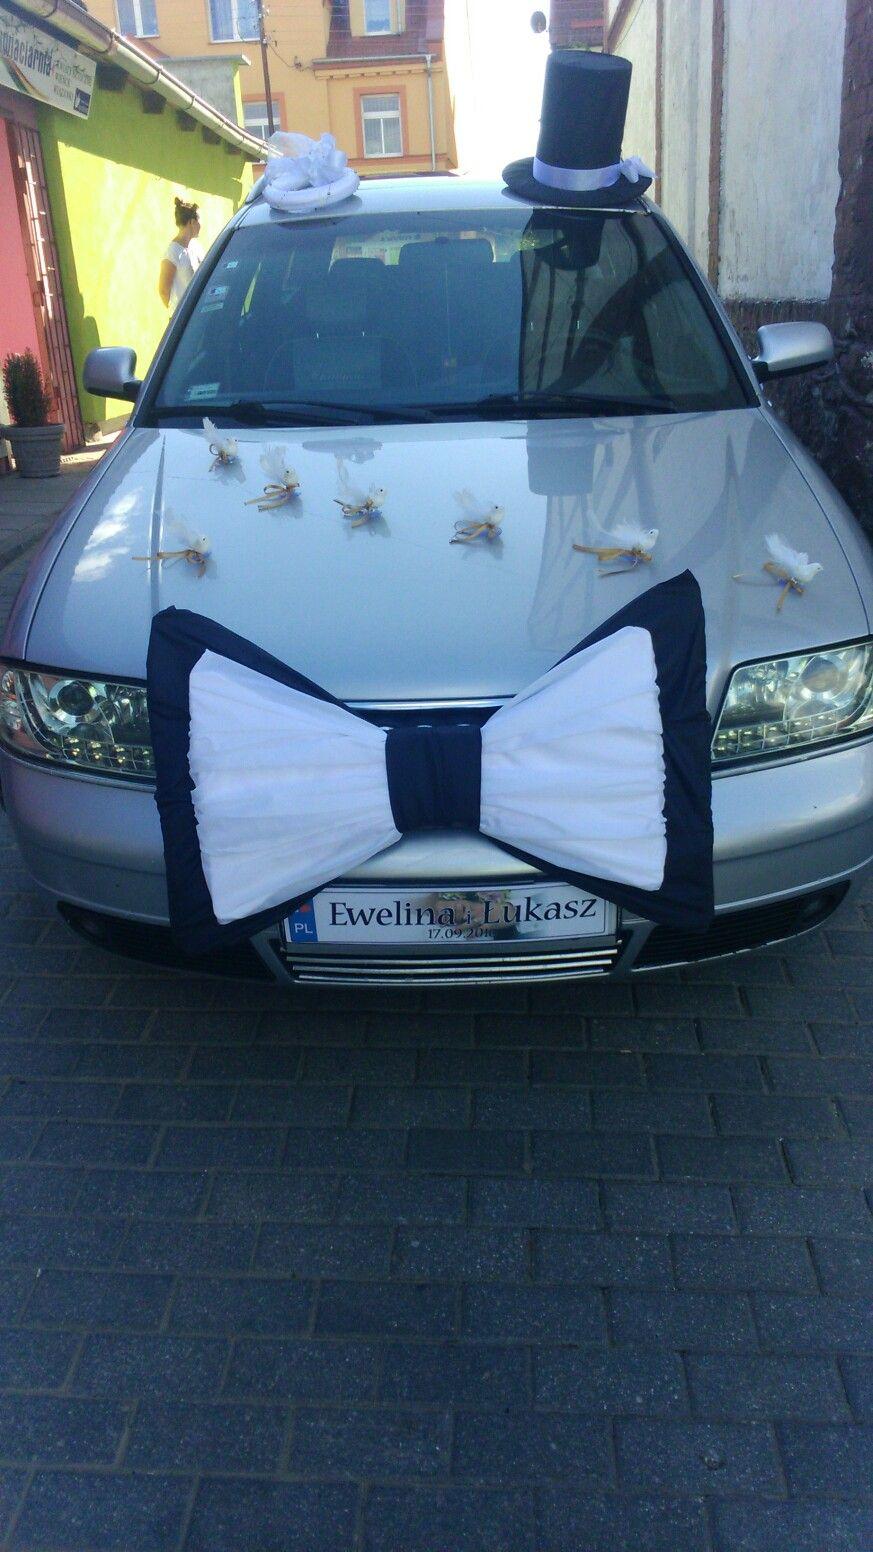 Pin By Agnieszka Duda On Dekoracje Samochodu Pinterest Wedding